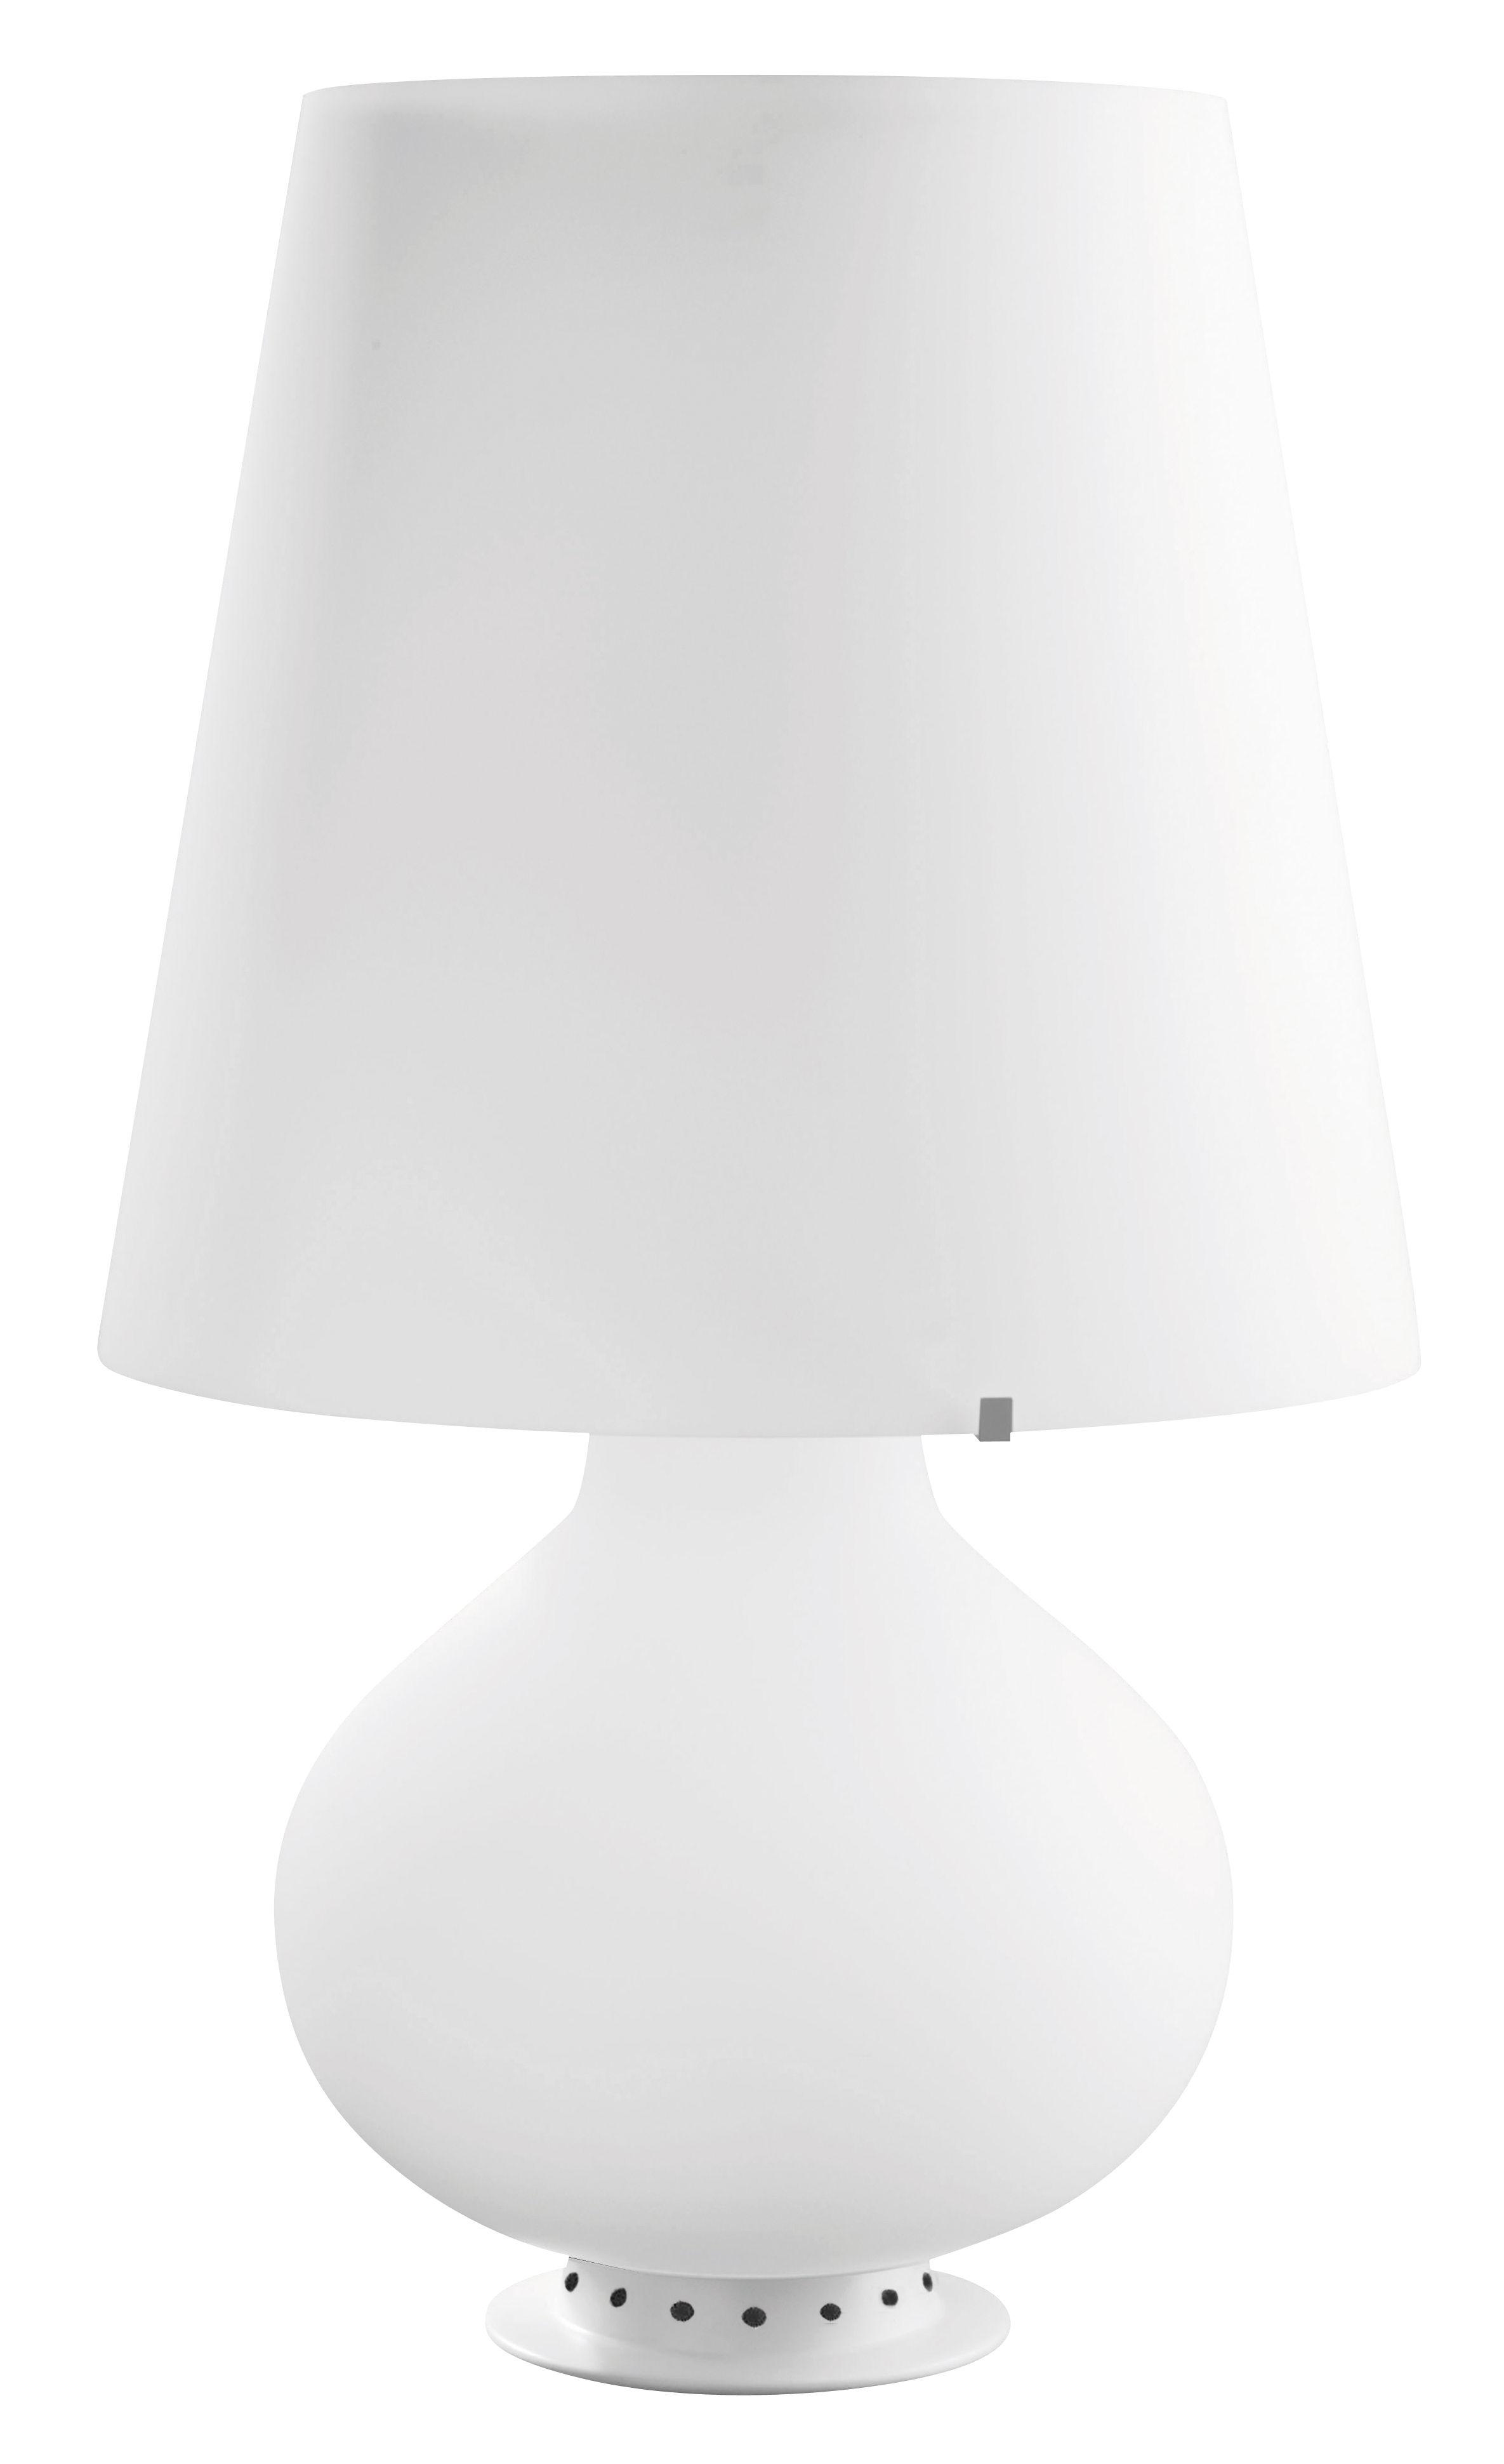 Leuchten - Tischleuchten - Fontana Small Tischleuchte - Fontana Arte - H 34 cm - geblasenes Glas, Metall